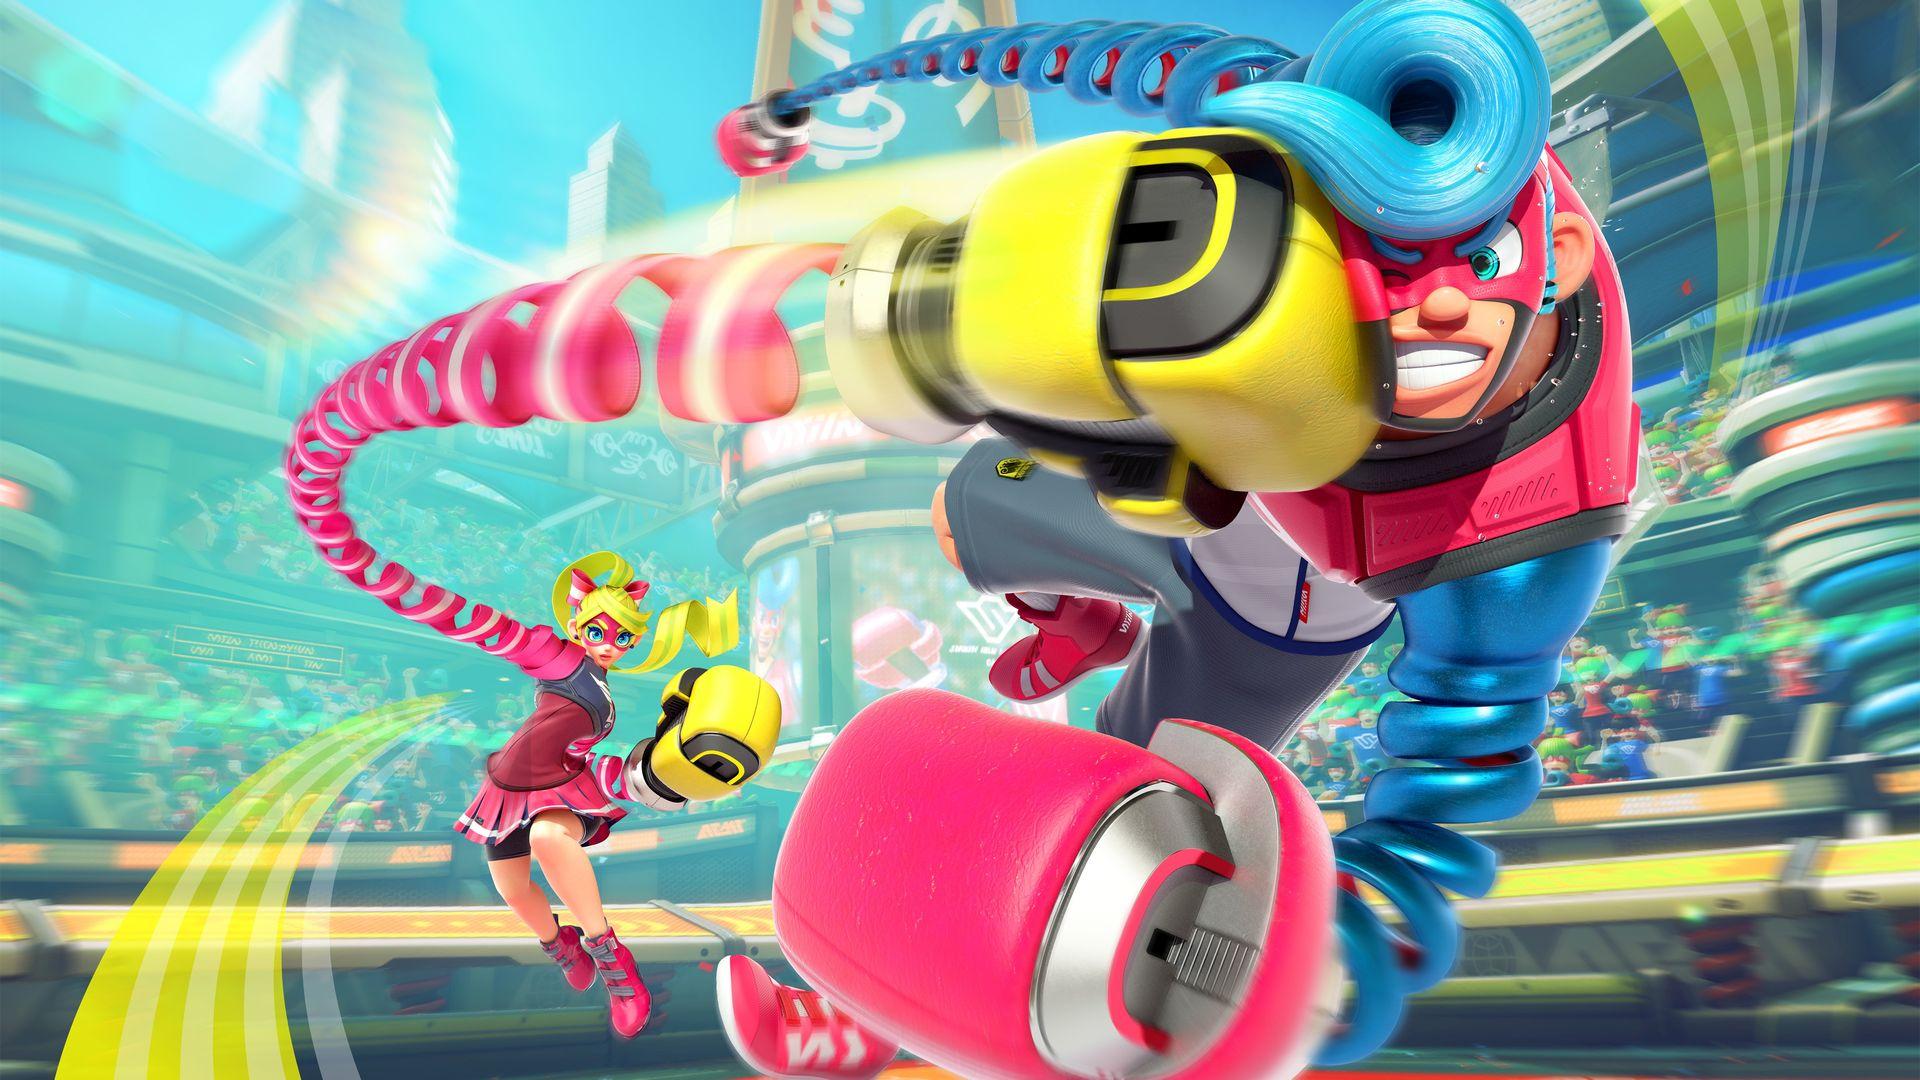 Imagem do jogo ARMS, da Nintendo, que mostra personagens boxeadores com mãos de molas.